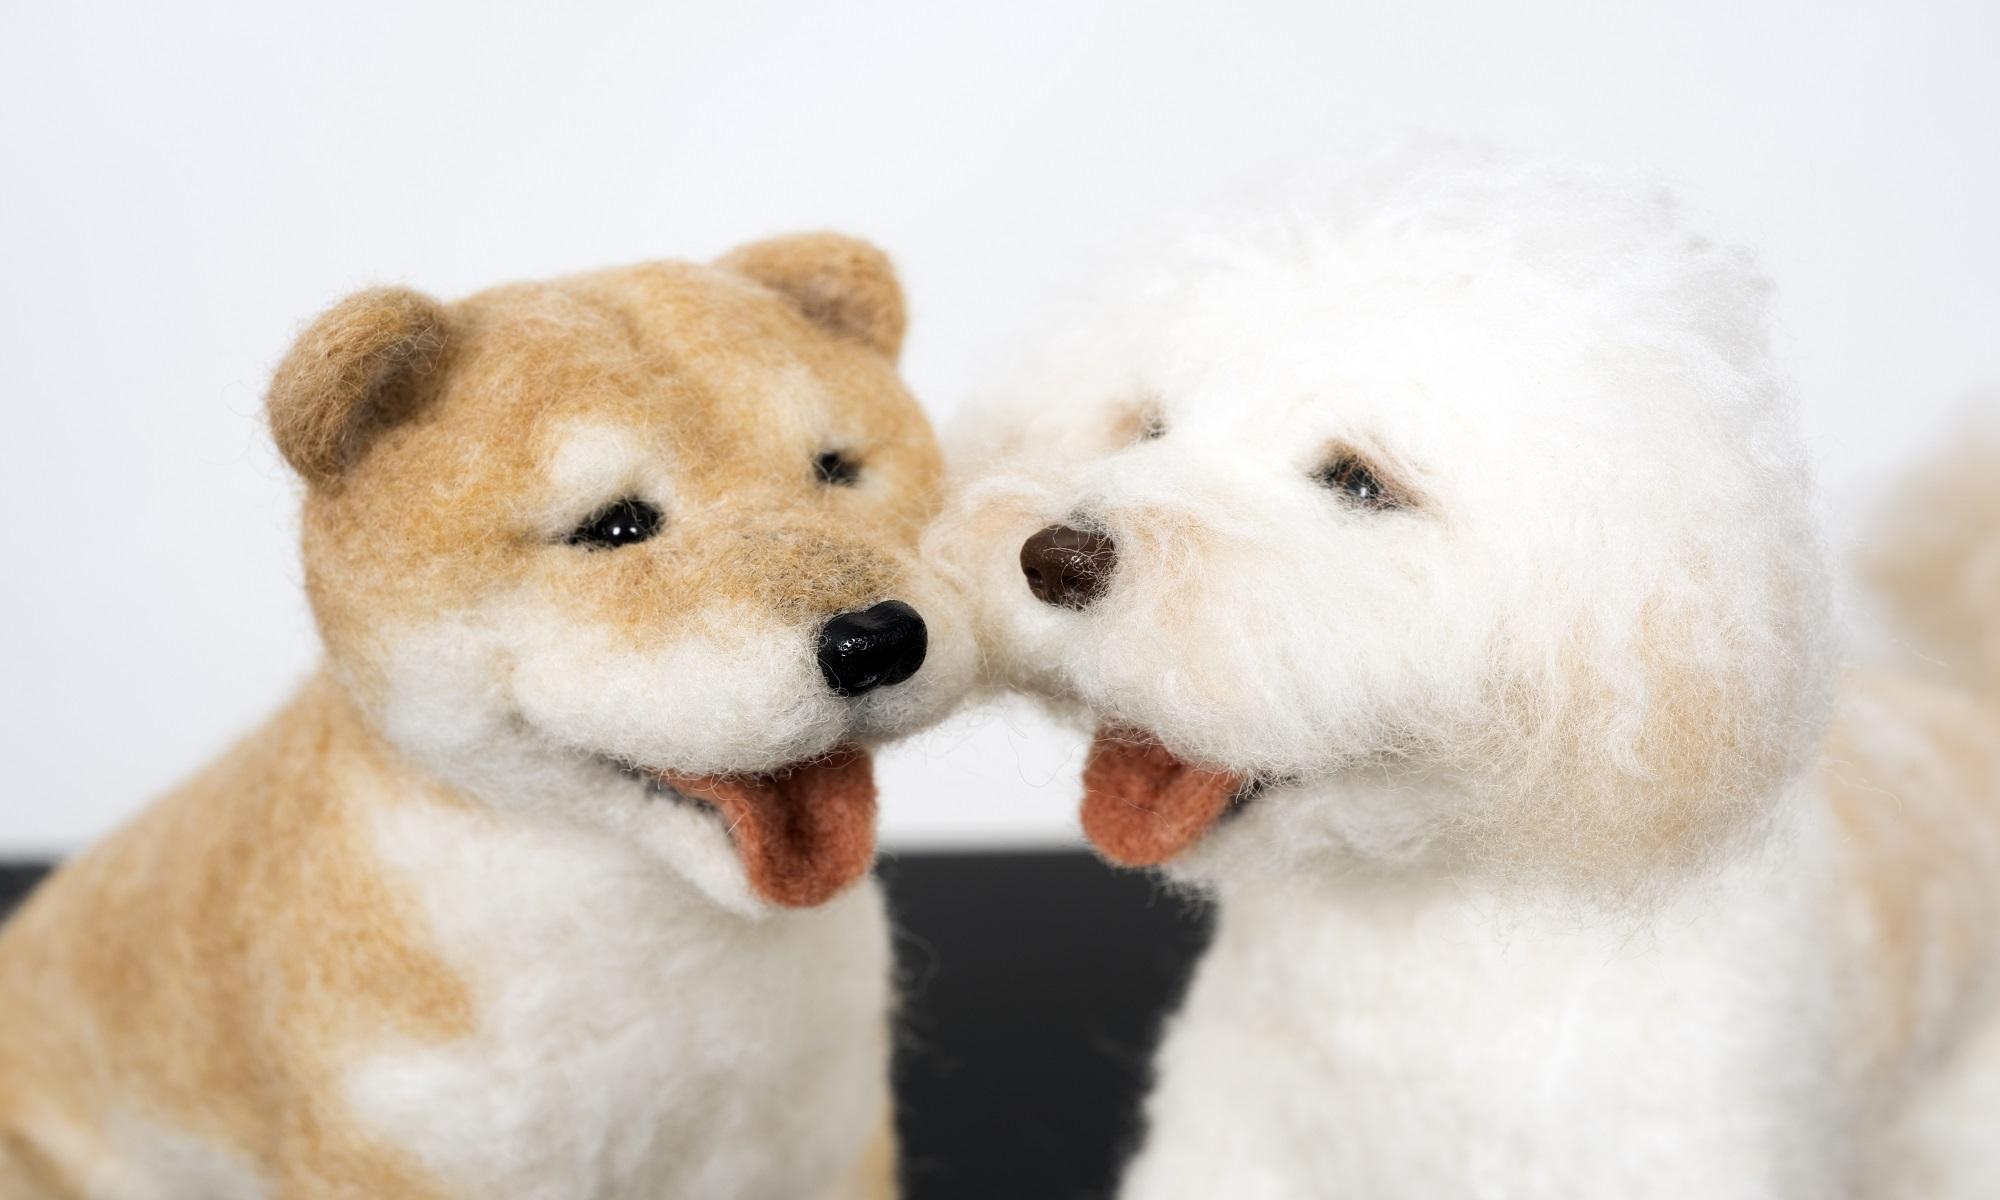 羊毛フェルトオーダー ワンちゃんと、愛犬ラッキーのお部屋